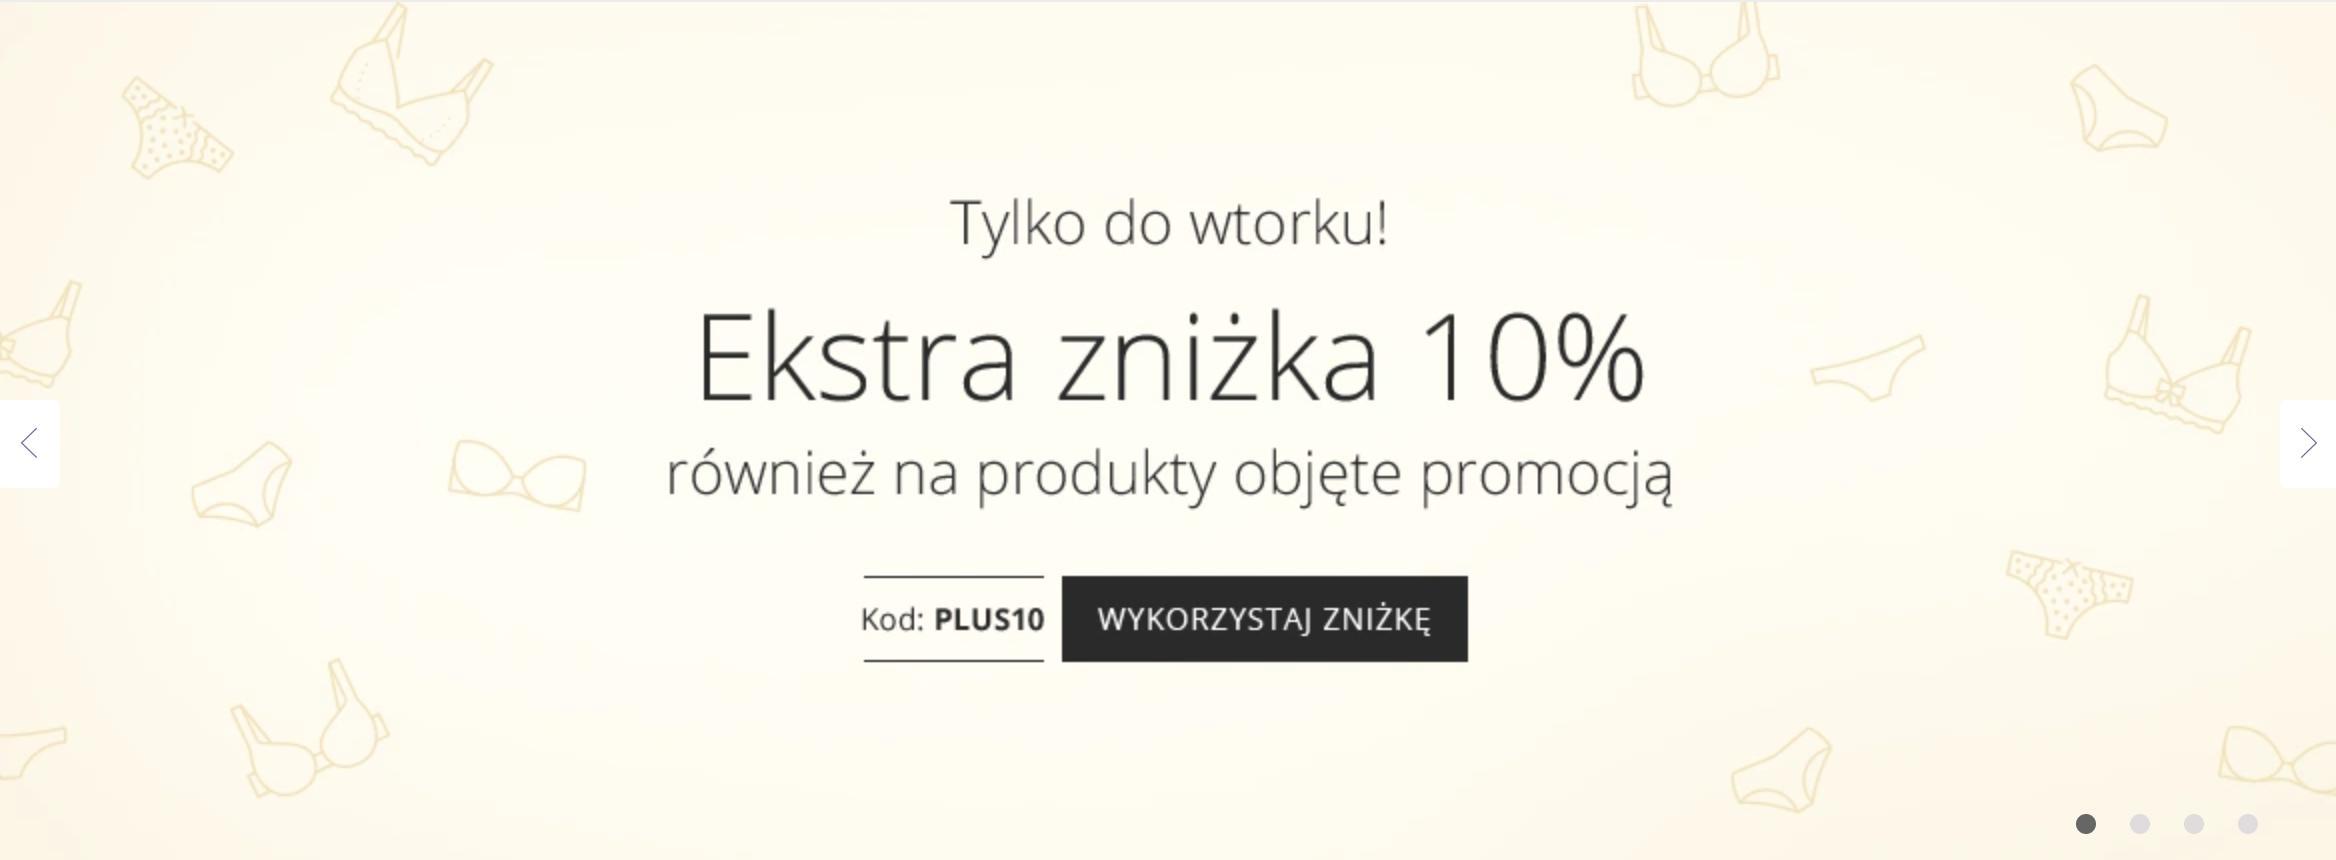 Astratex Astratex: extra 10% zniżki na bieliznę, również objętą promocją